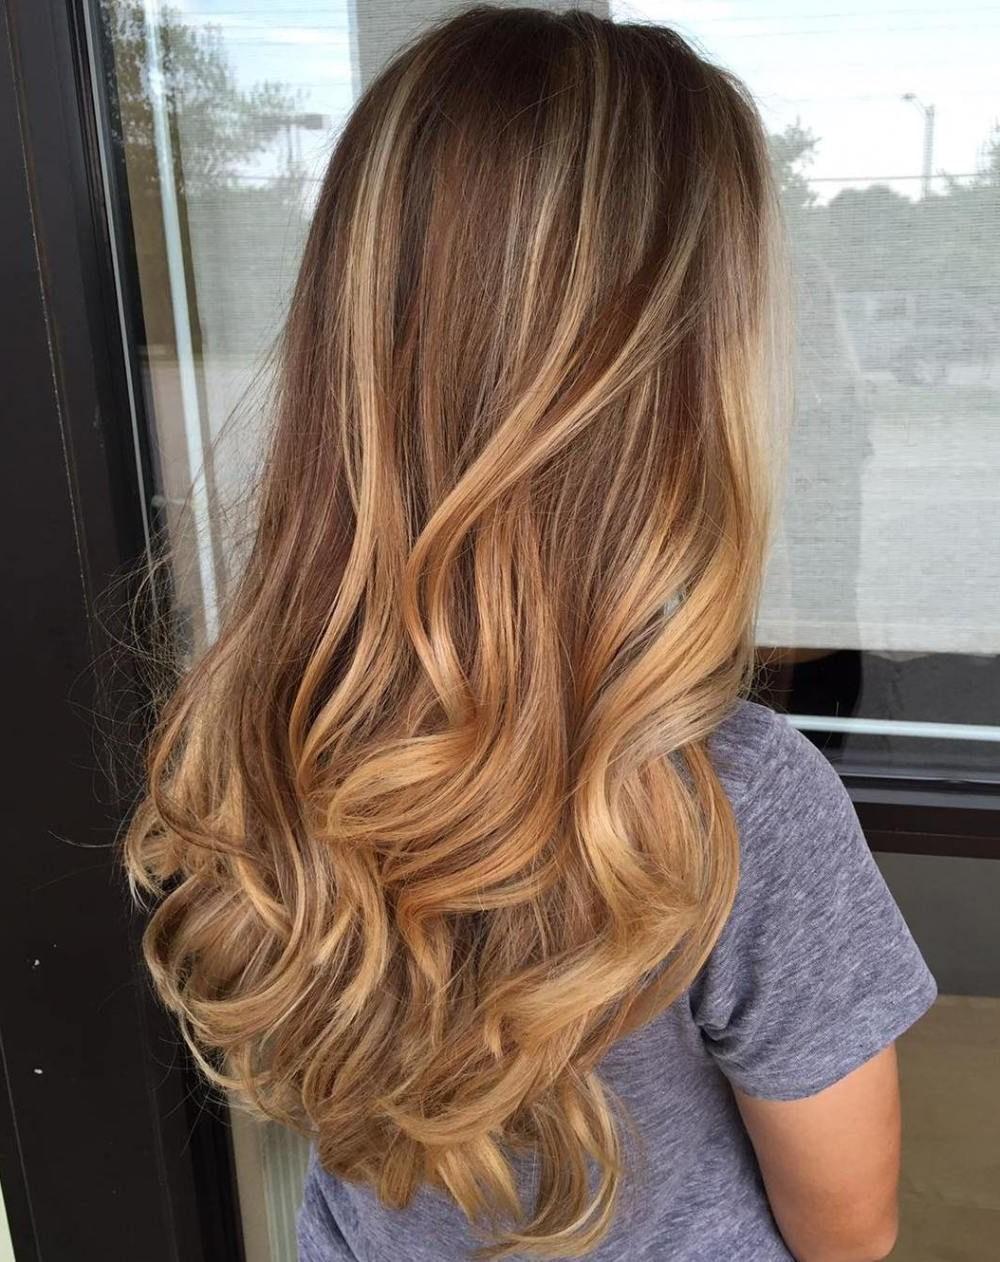 Comme avec tous les cheveux colorés, il est important de protéger vos cheveux et d'utiliser les produits capillaires appropriés pour conserver votre couleur et hydrater vos cheveux entre les rendez-vous dans le salon.